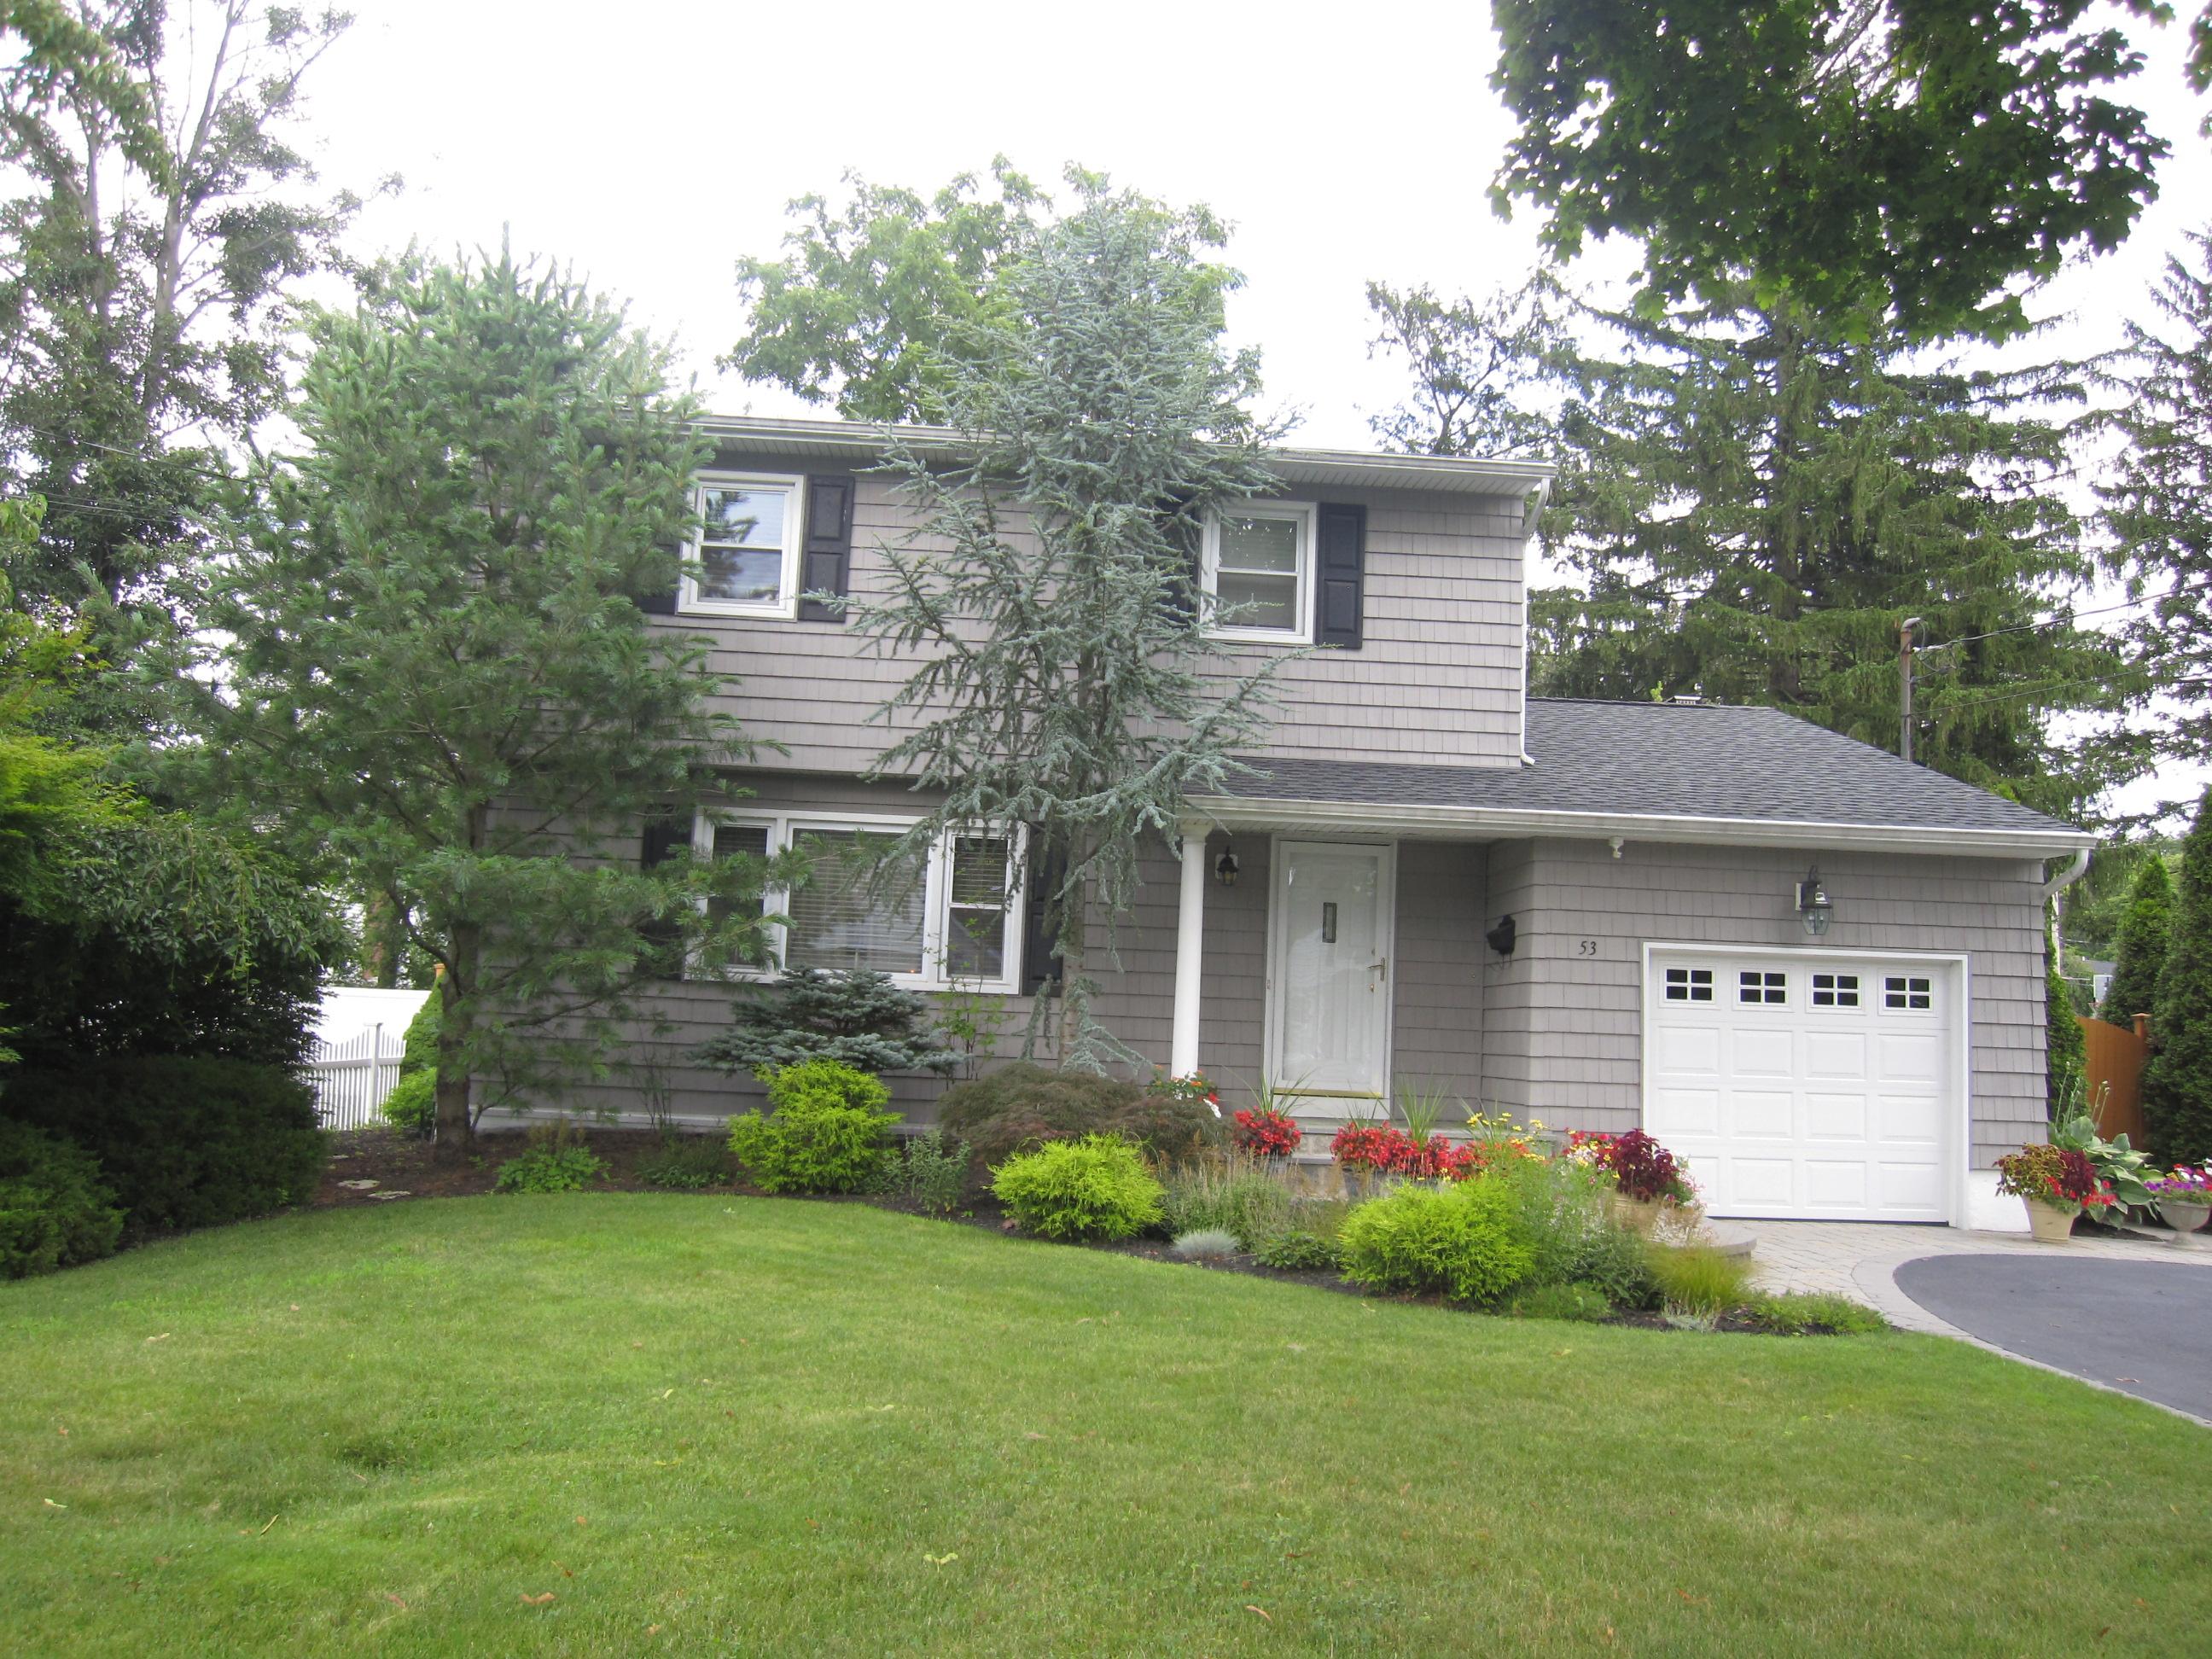 단독 가정 주택 용 매매 에 Colonial 53 Cornell Ave Smithtown, 뉴욕 11787 미국